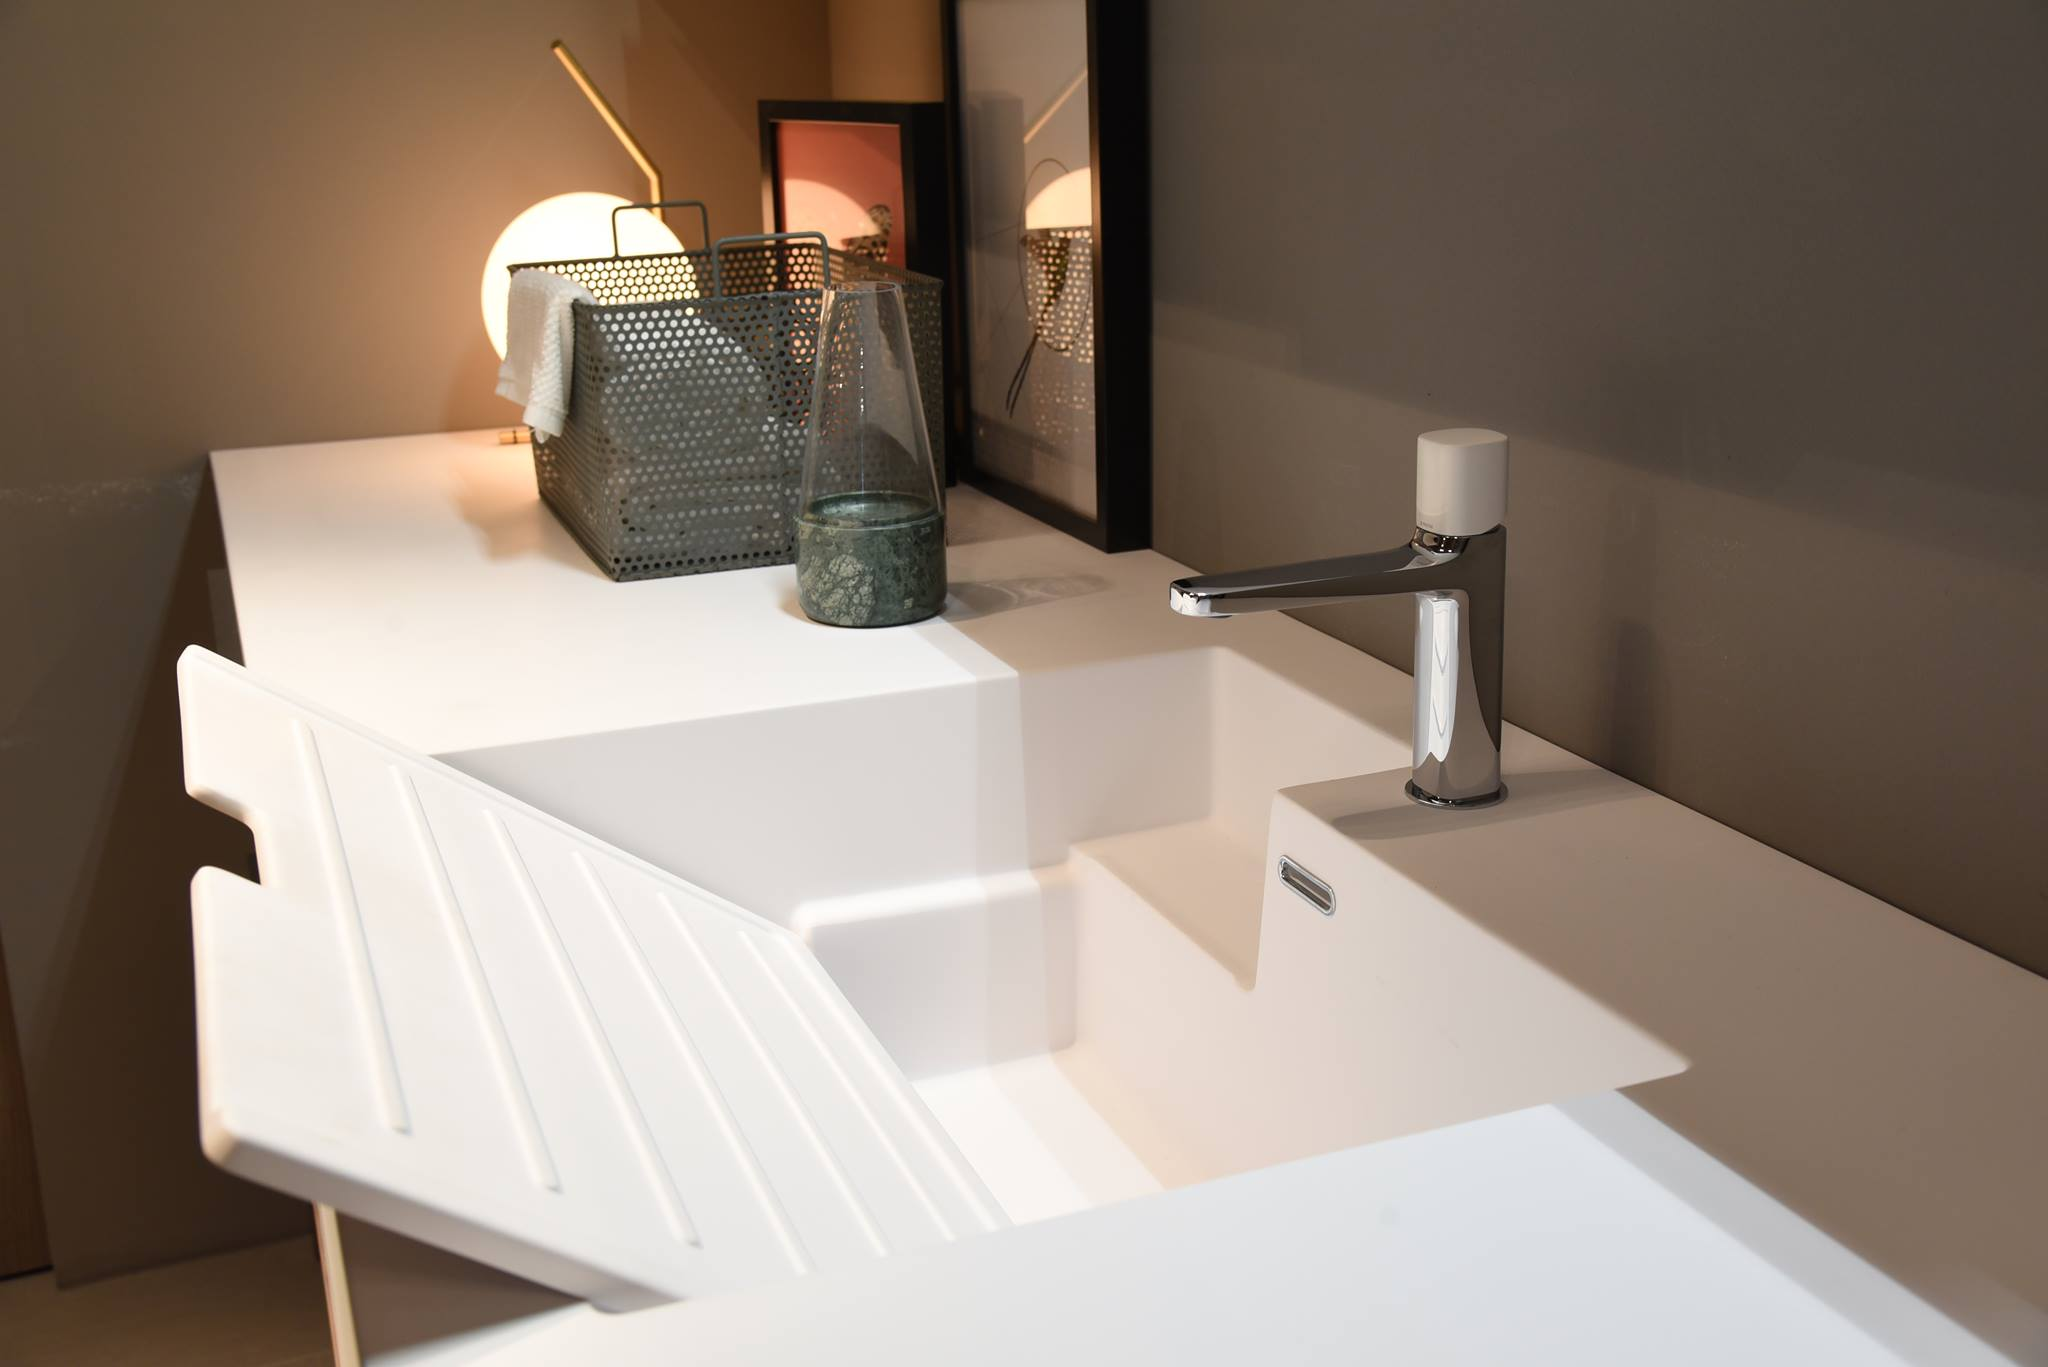 Ottimizzare gli spazi come arredare un bagno lavanderia for Arredare bagno piccolo con lavatrice